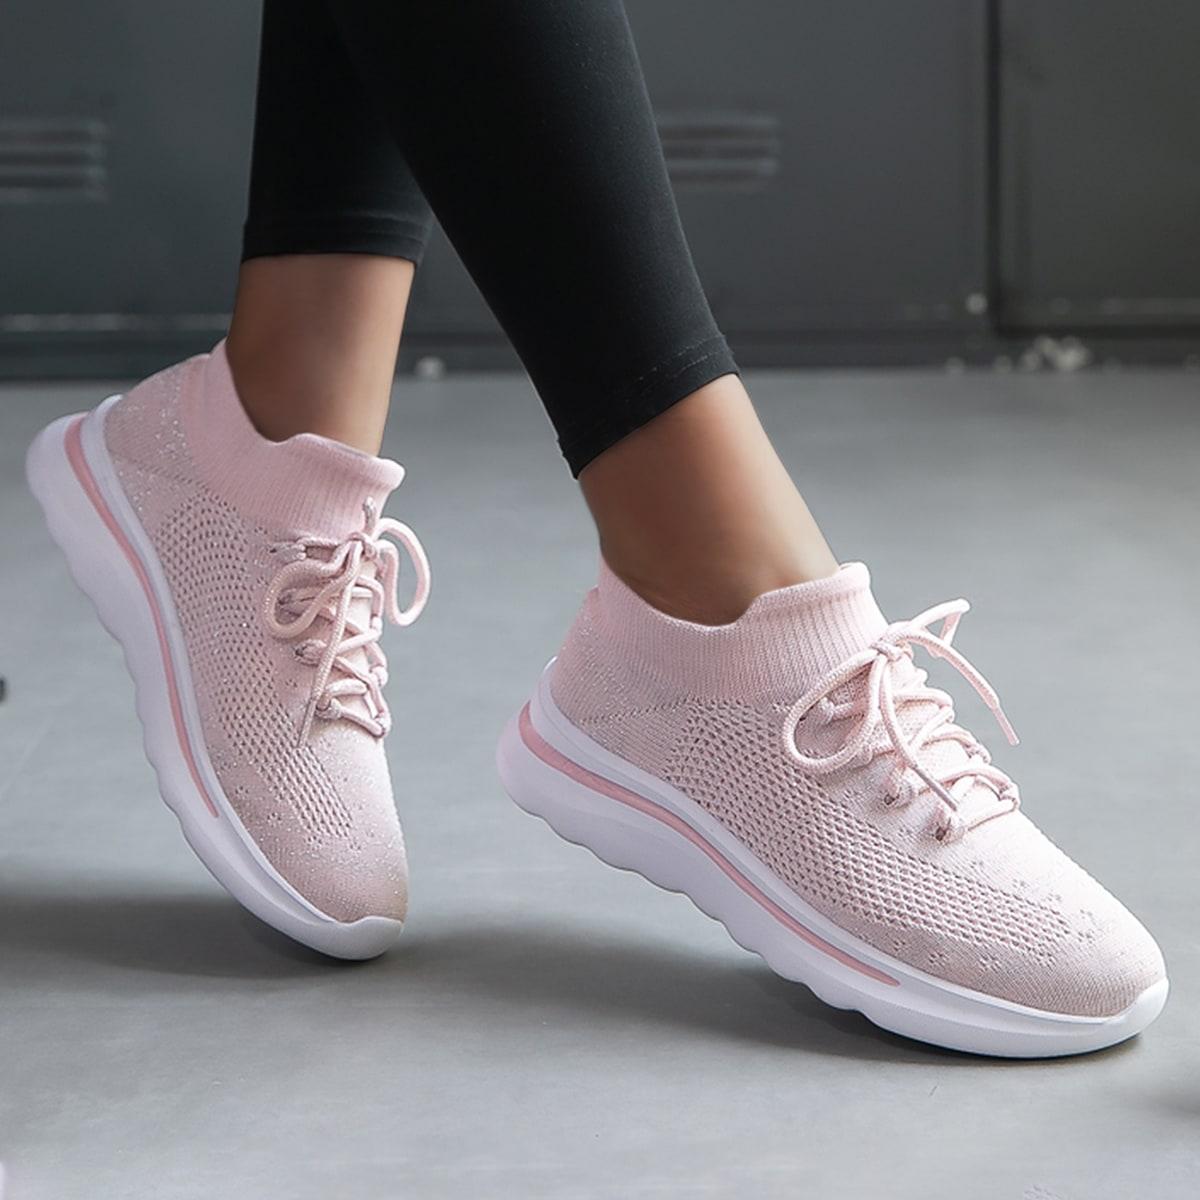 Беговая обувь на шнурке